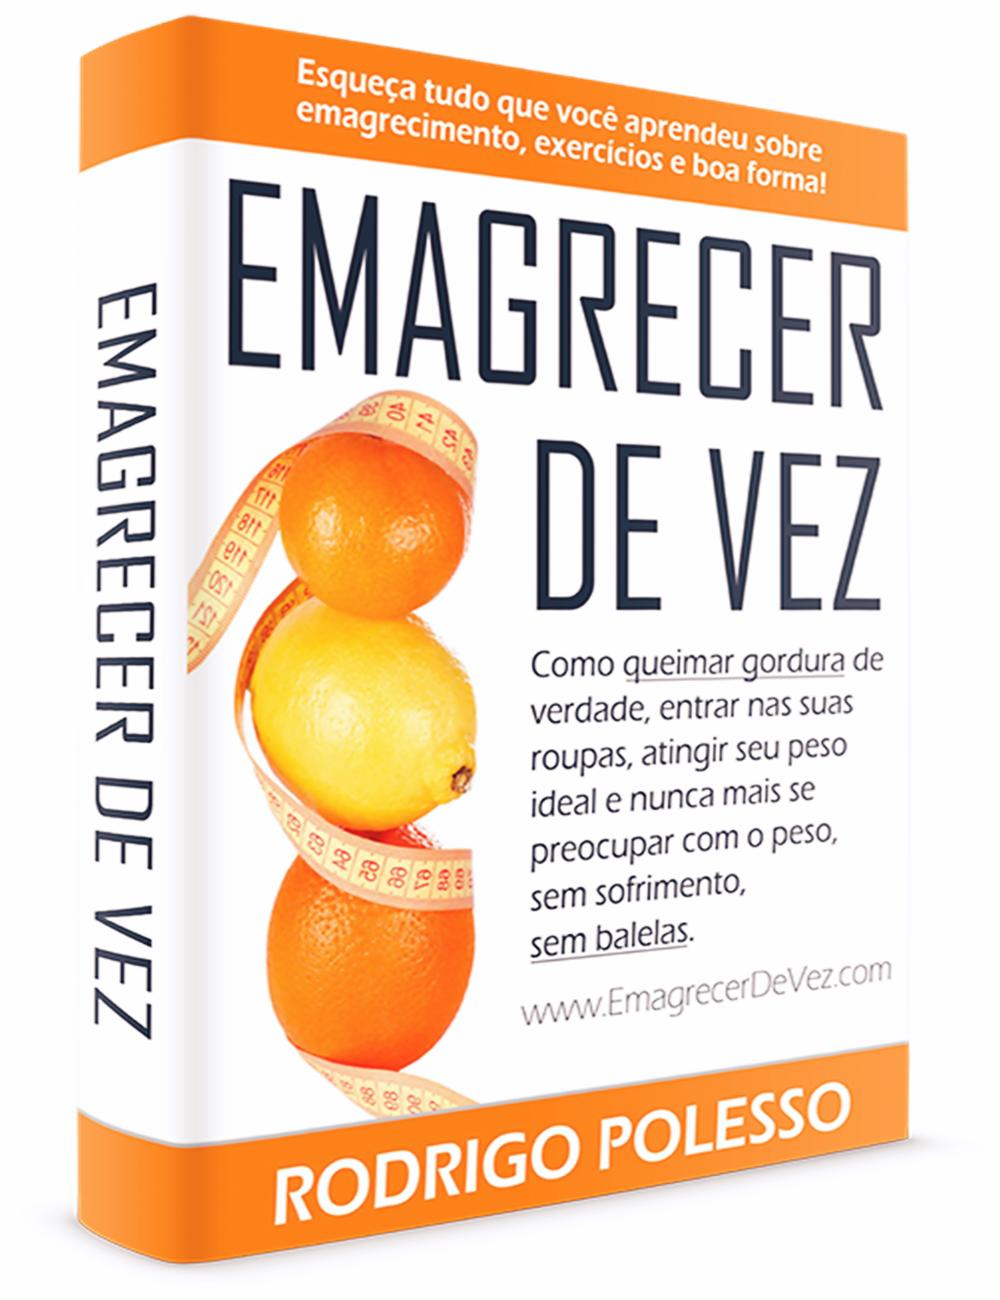 74eb64150 Veja a análise completa do Livro Emagrecer de Vez do Rodrigo Polesso ...